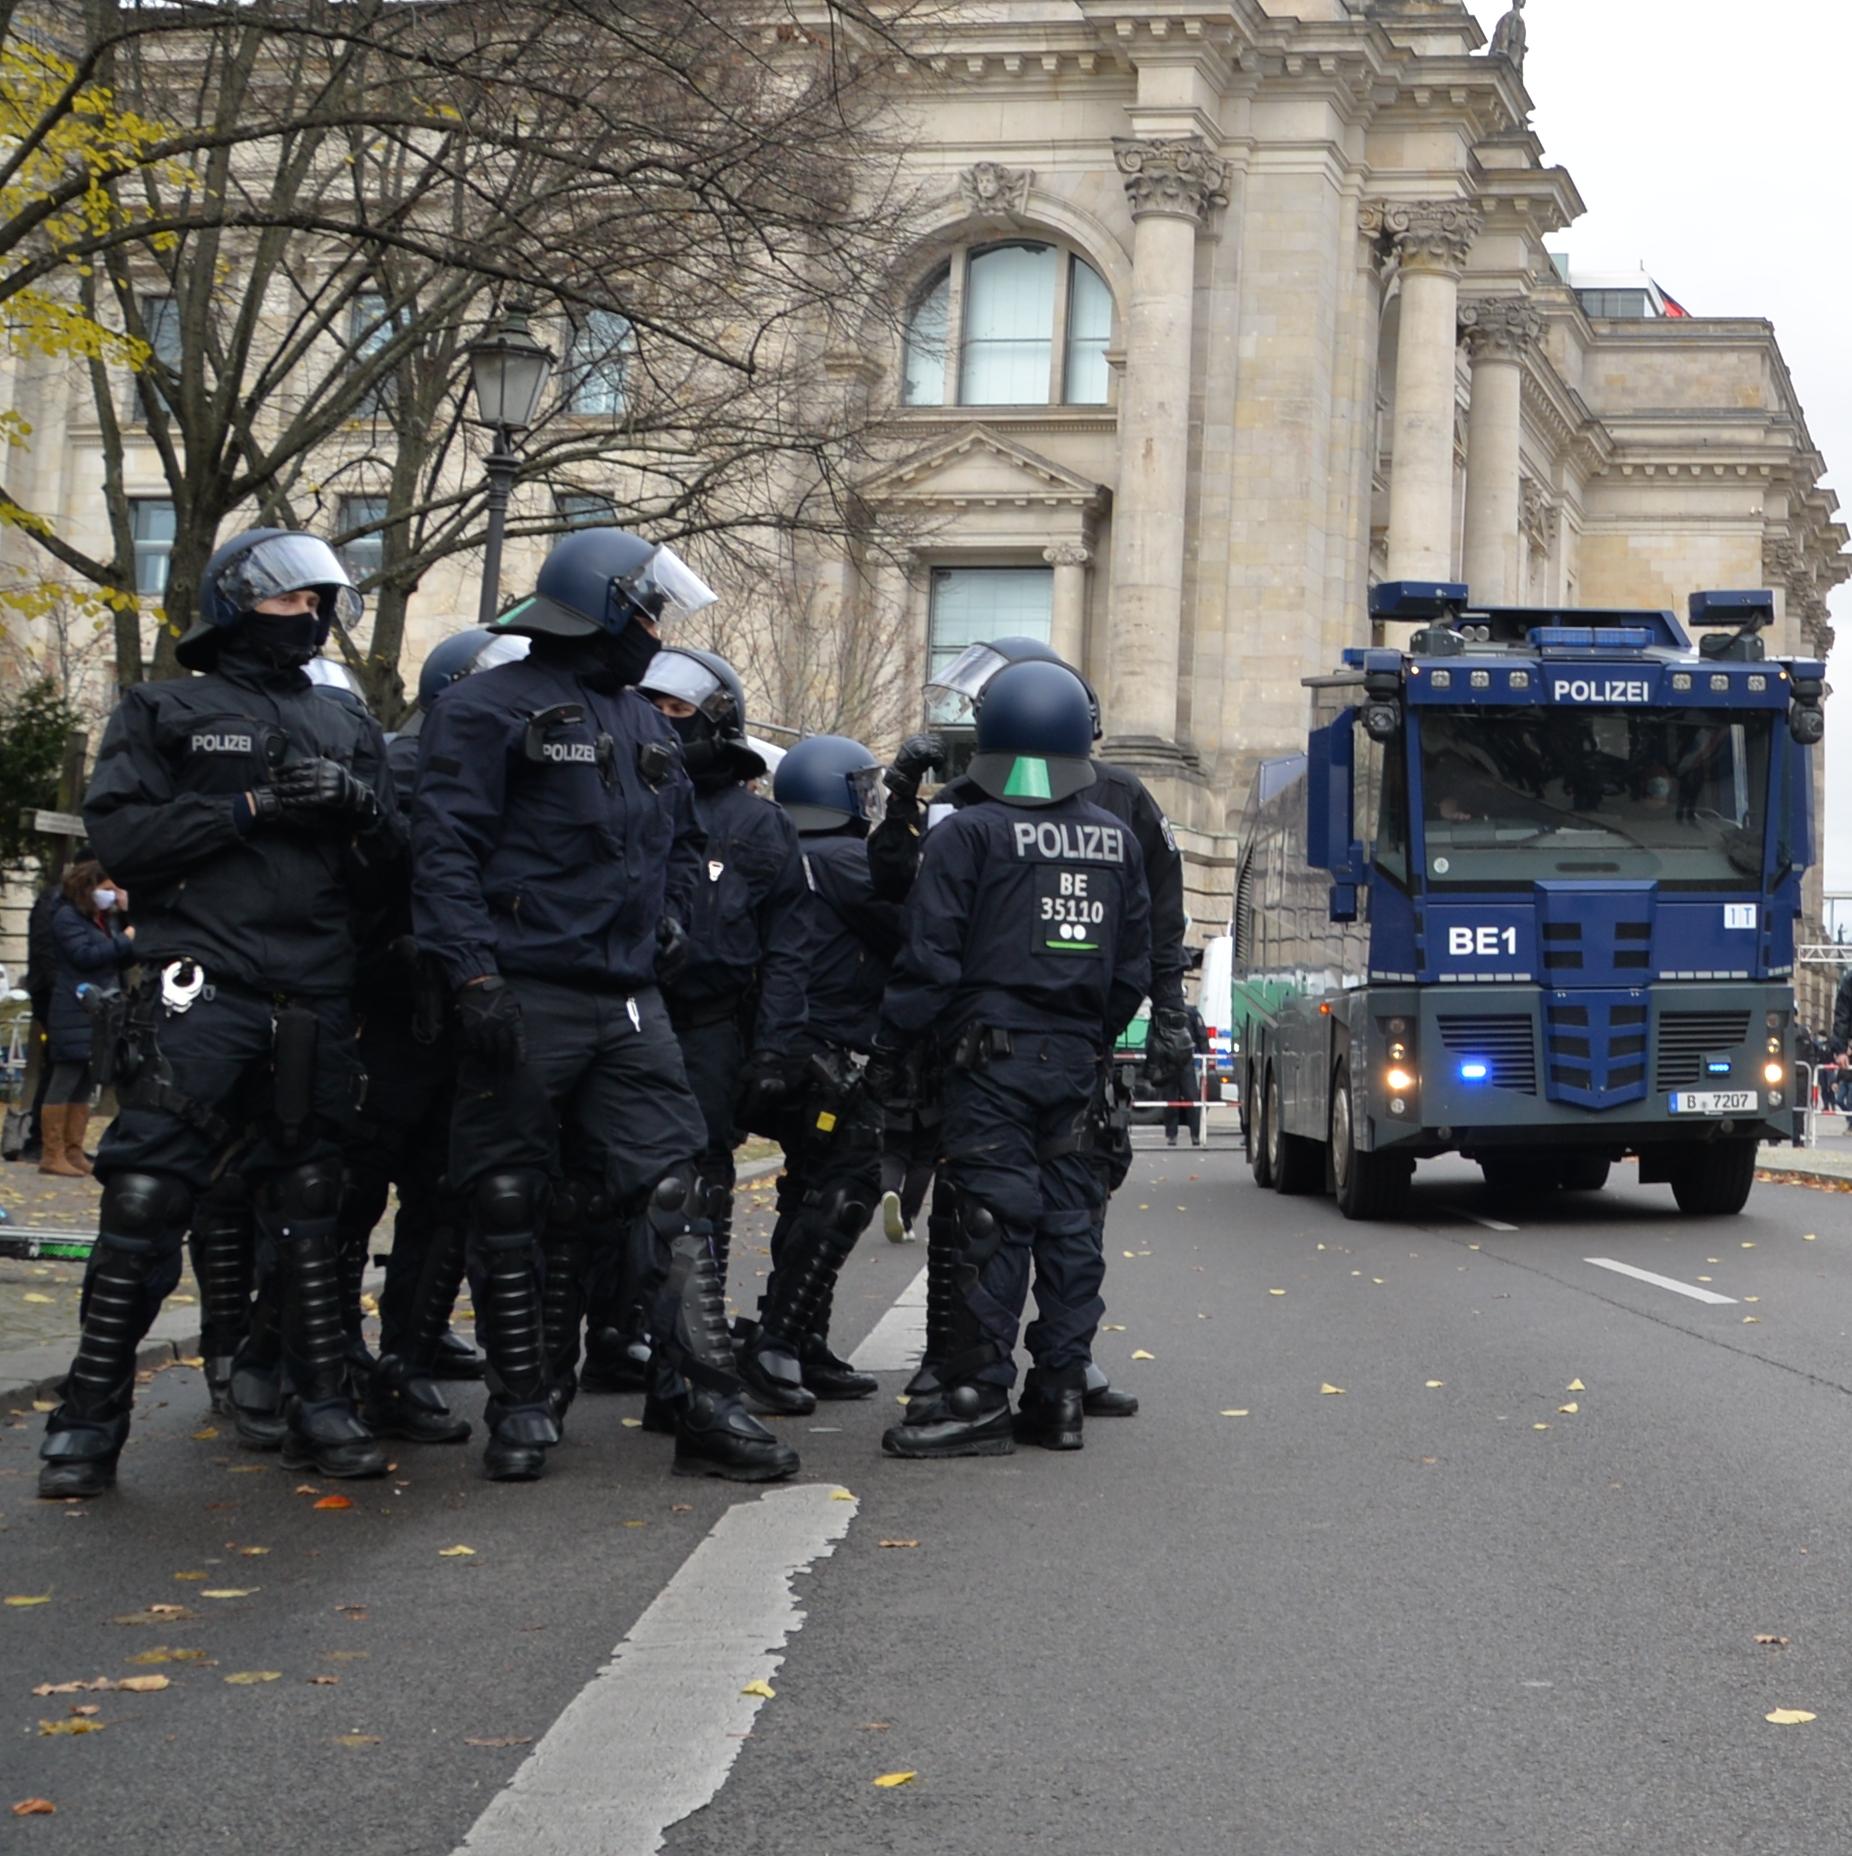 Ein Gruppe von Cops in Riot-Ausrüstung mit Knieschonern und Schienbeinschutz steht auf der Straße. Im Hintergrunf fährt ein blauer Wasserwerfer 10.